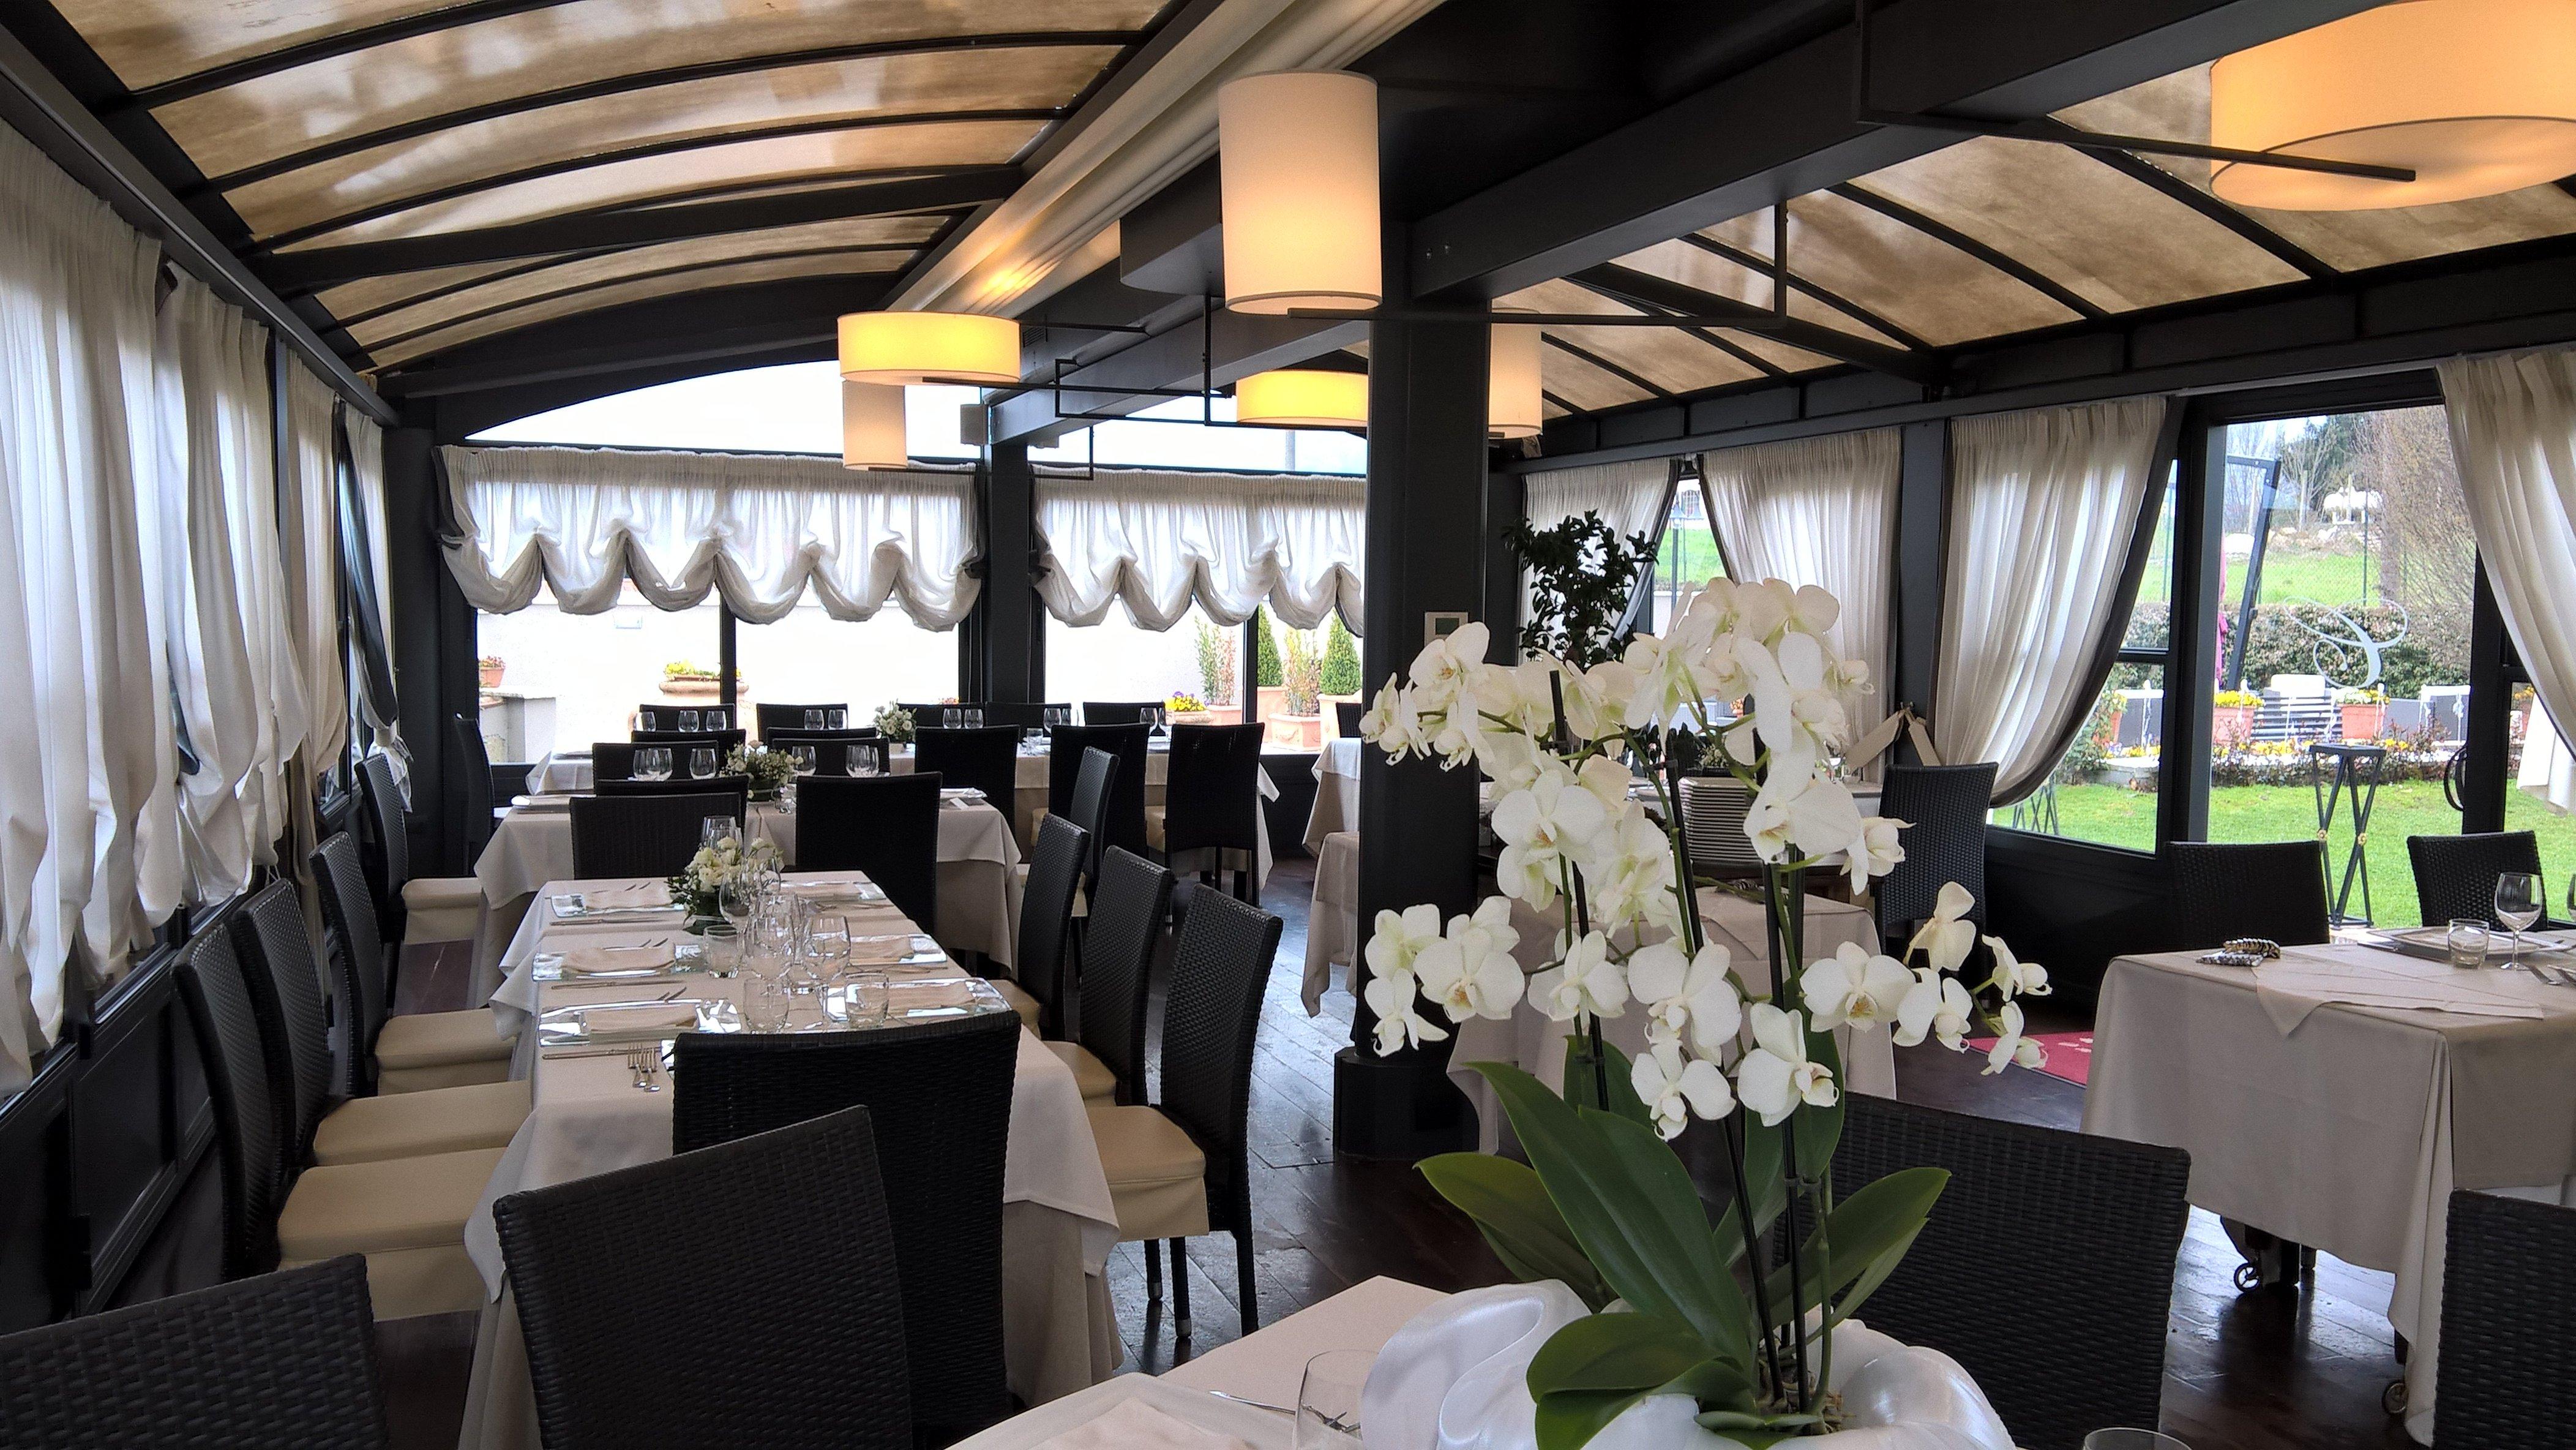 dei tavoli apparecchiati e decorazione con dei fiori